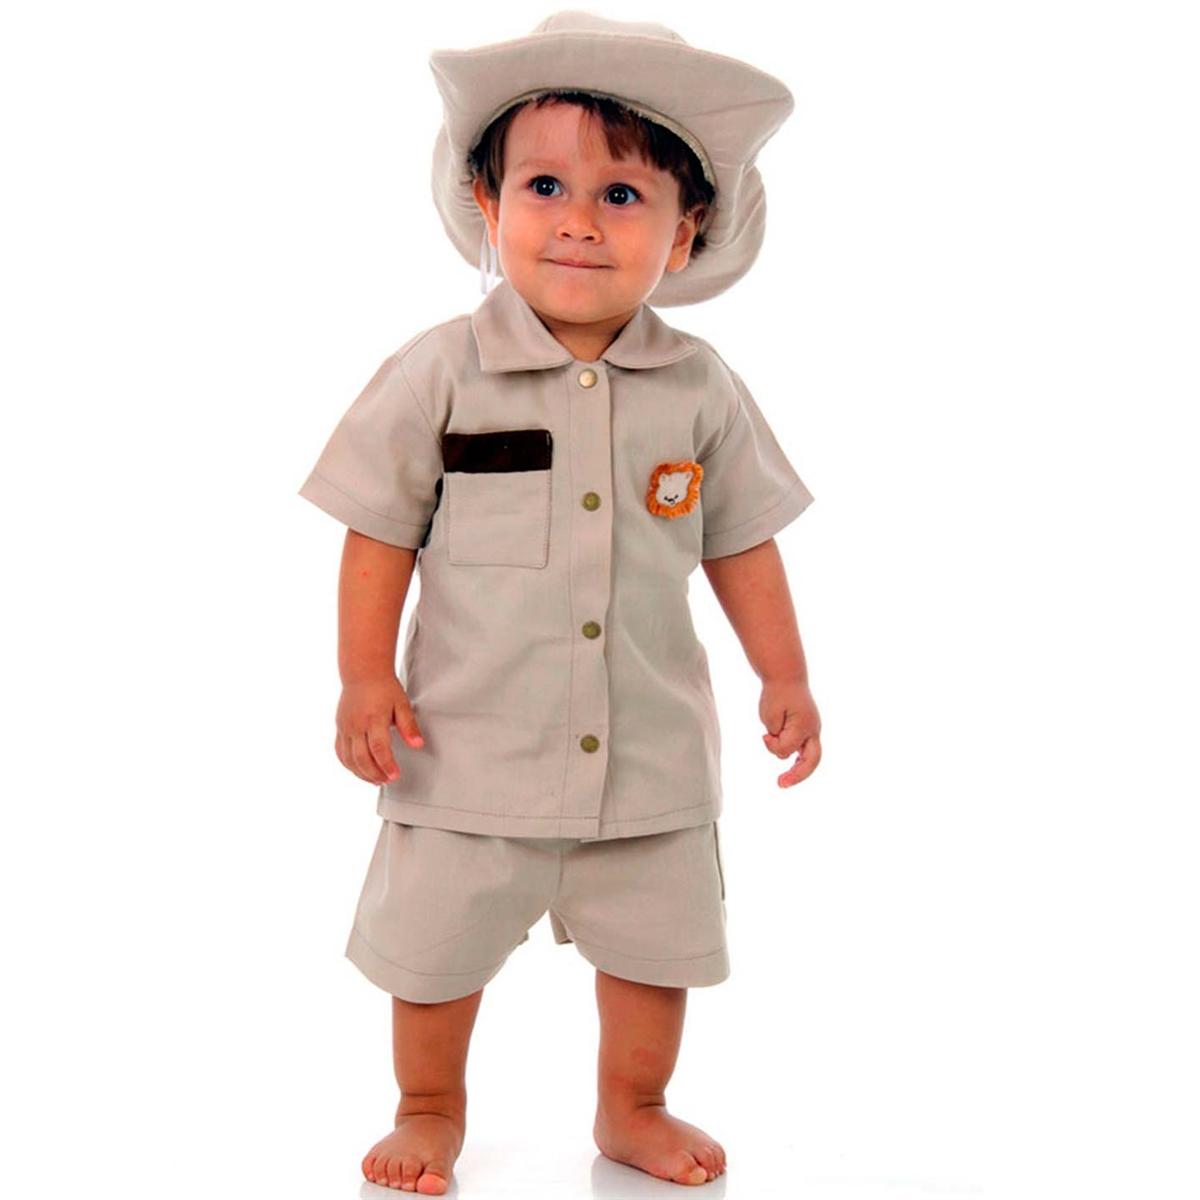 bebe usando fantasia de carnaval para bebes do safari